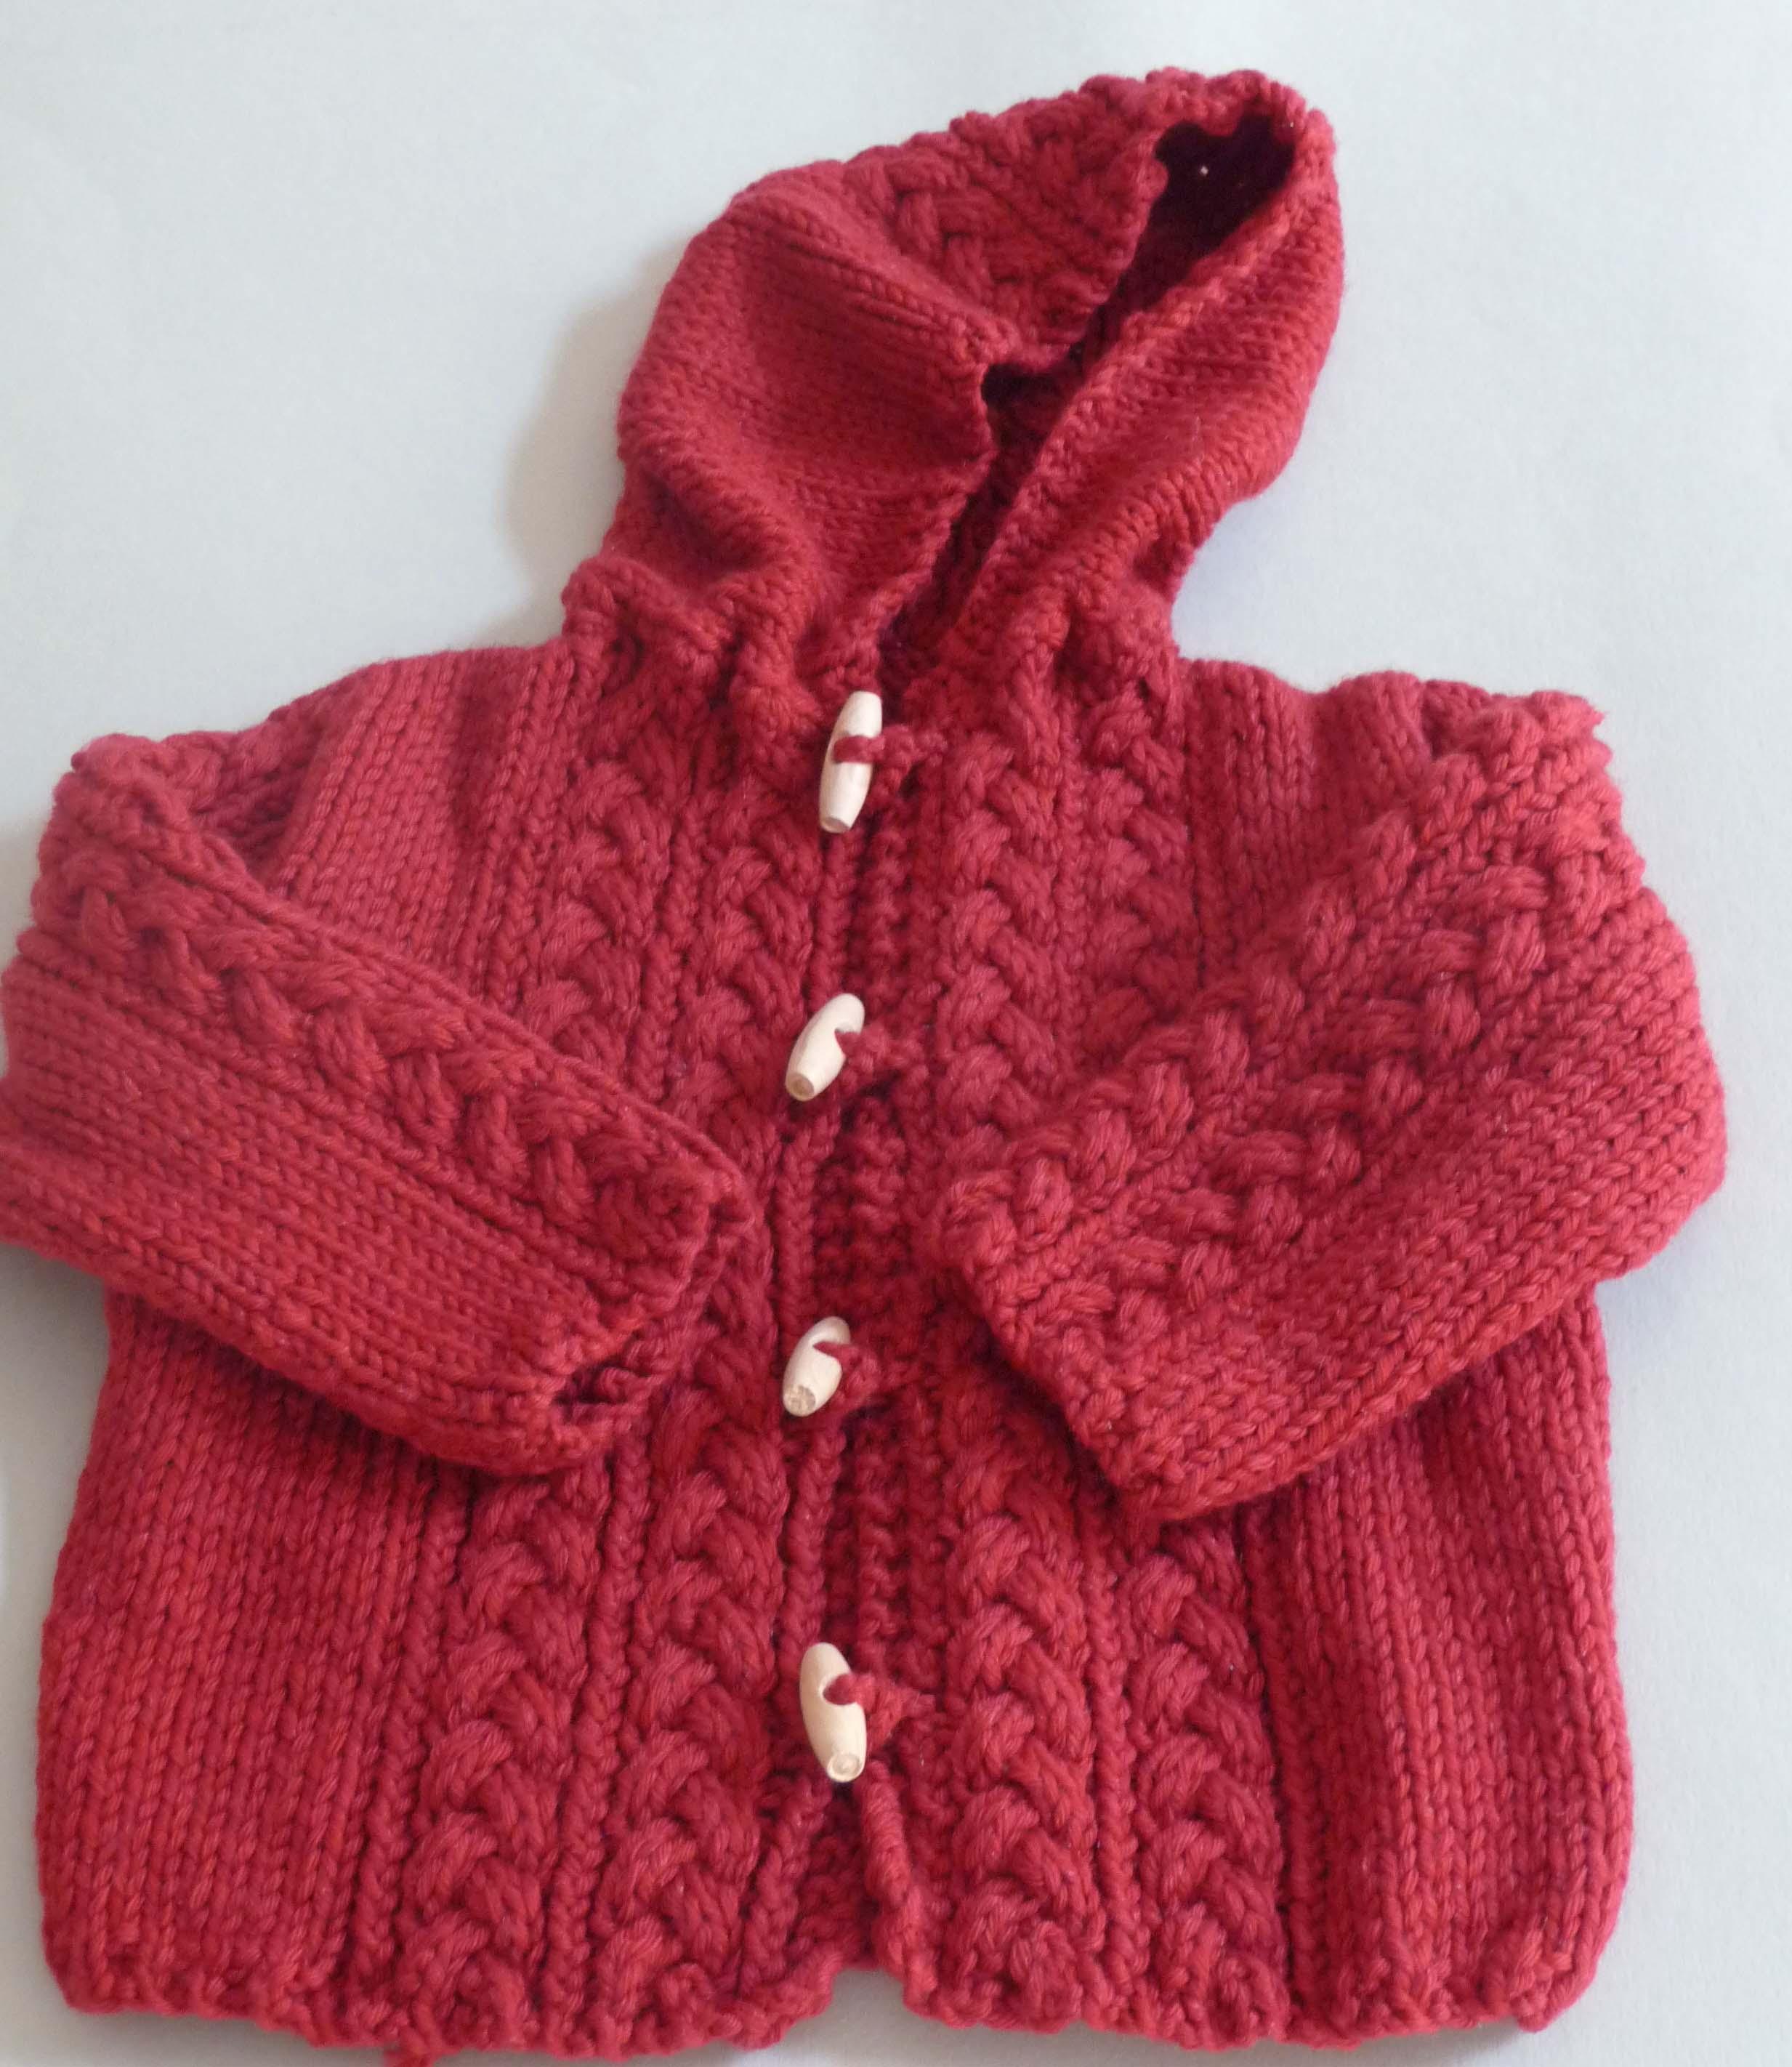 comment tricoter une écharpe sans que les bords s'enroulent